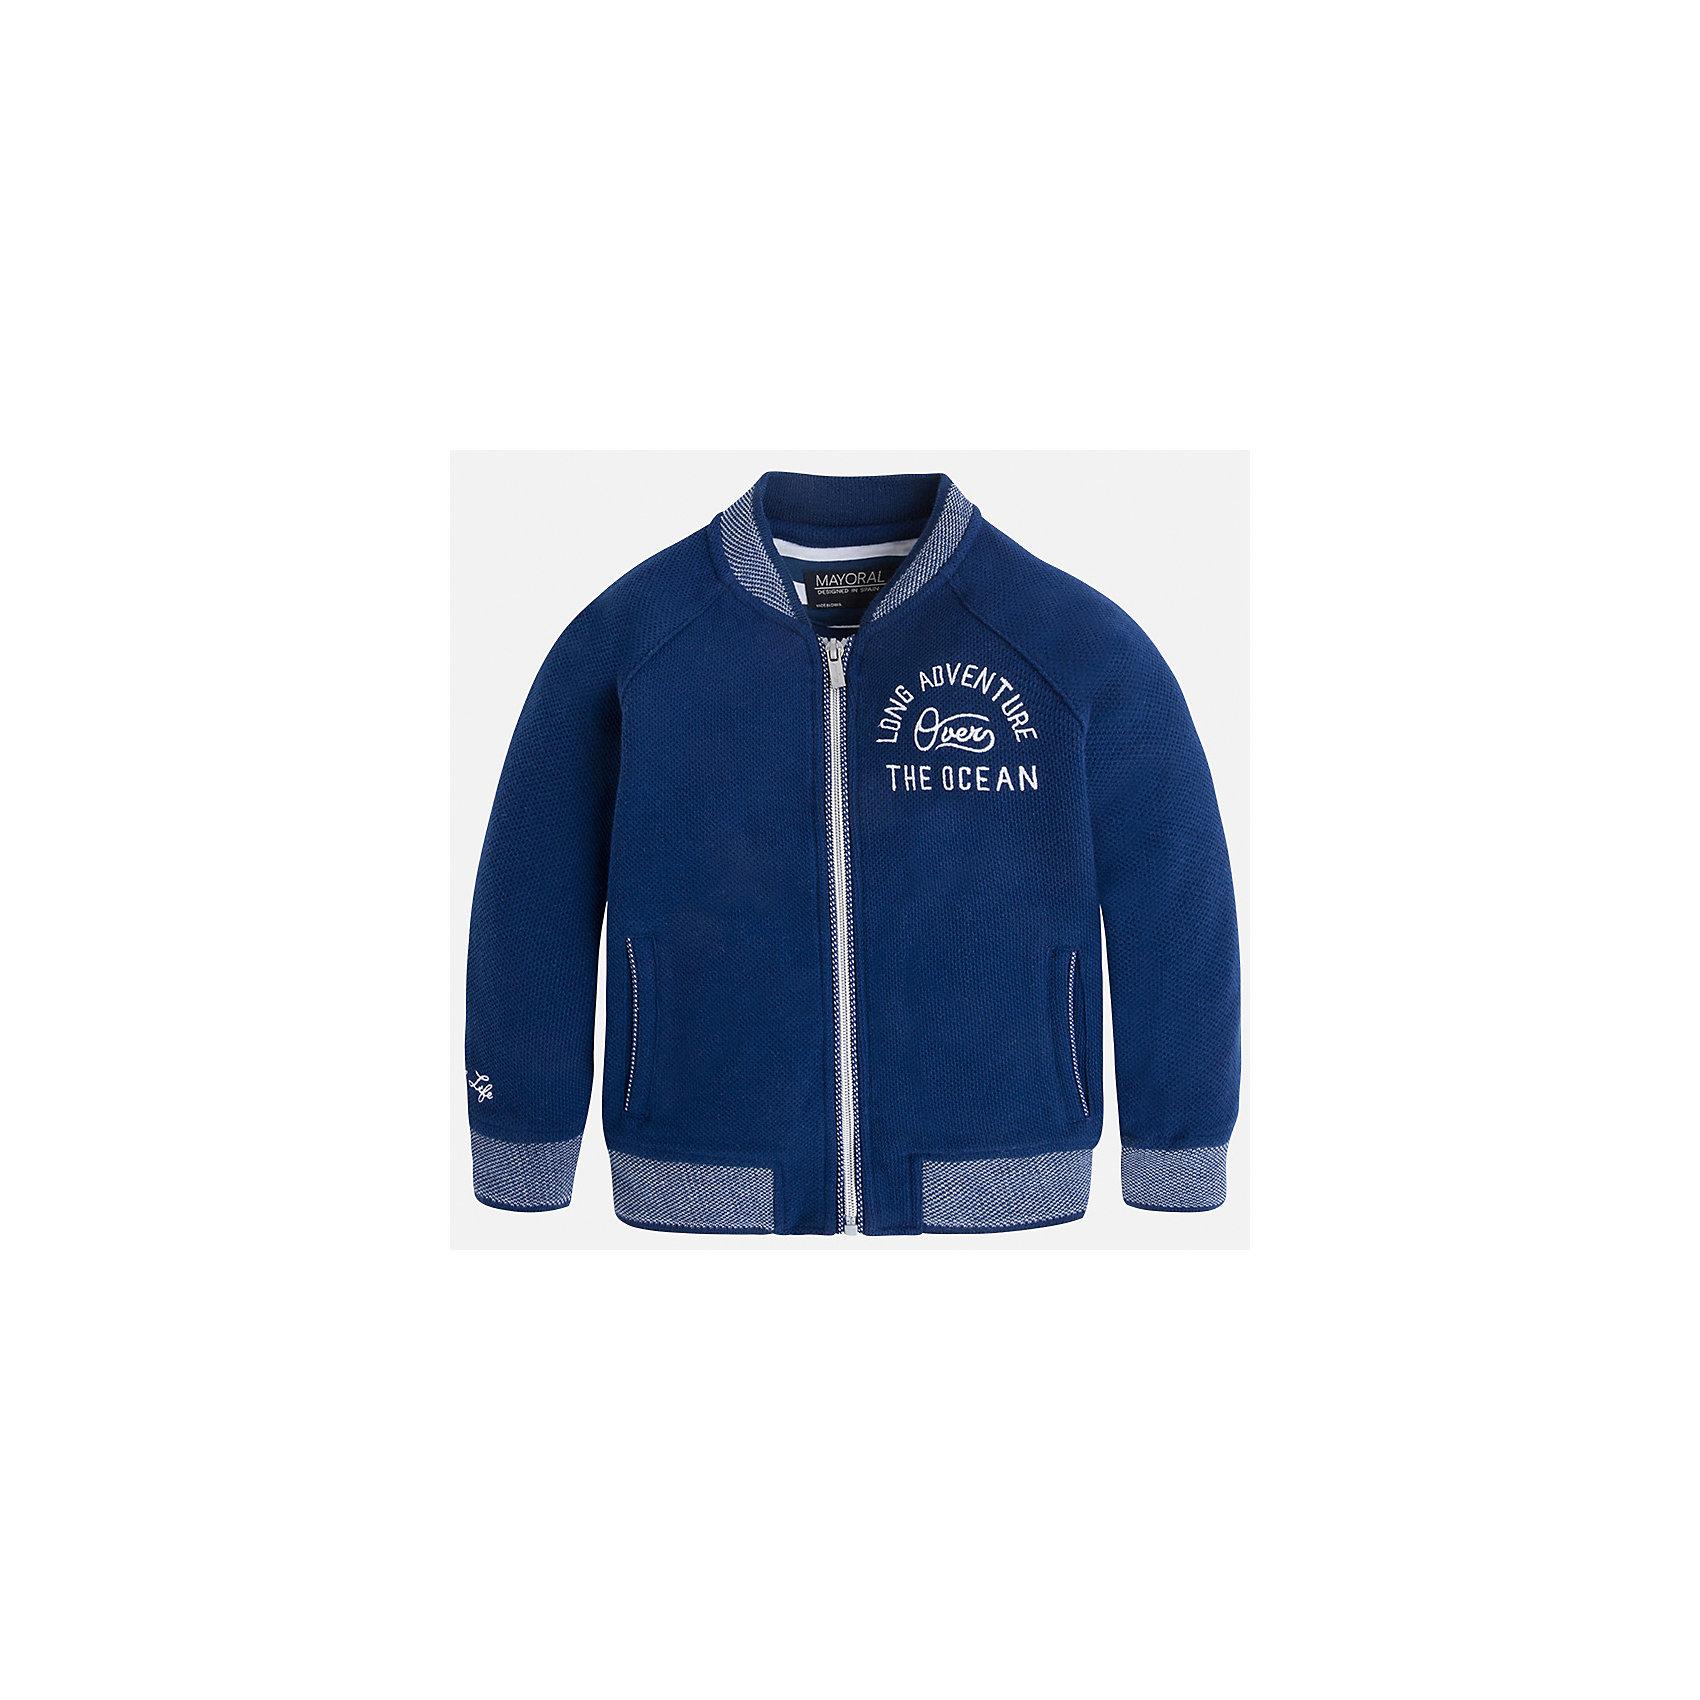 Толстовка для мальчика MayoralТолстовки<br>Характеристики товара:<br><br>• цвет: синий<br>• состав: 60% хлопок, 40% полиэстер<br>• температурный режим: от +20°до +10°С<br>• рукава длинные <br>• карманы<br>• пуговицы <br>• вышивка<br>• страна бренда: Испания<br><br>Теплая одежда может быть очень стильной! Удобная и красивая куртка для мальчика поможет разнообразить гардероб ребенка и обеспечить комфорт. Она отлично сочетается и с джинсами, и с брюками. Универсальный цвет позволяет подобрать к вещи низ различных расцветок. Интересная отделка модели делает её нарядной и оригинальной. В составе материала - натуральный хлопок, гипоаллергенный, приятный на ощупь, дышащий.<br><br>Одежда, обувь и аксессуары от испанского бренда Mayoral полюбились детям и взрослым по всему миру. Модели этой марки - стильные и удобные. Для их производства используются только безопасные, качественные материалы и фурнитура. Порадуйте ребенка модными и красивыми вещами от Mayoral! <br><br>Куртку для мальчика от испанского бренда Mayoral (Майорал) можно купить в нашем интернет-магазине.<br><br>Ширина мм: 356<br>Глубина мм: 10<br>Высота мм: 245<br>Вес г: 519<br>Цвет: синий<br>Возраст от месяцев: 24<br>Возраст до месяцев: 36<br>Пол: Мужской<br>Возраст: Детский<br>Размер: 98,92,104,134,128,122,116,110<br>SKU: 5280531